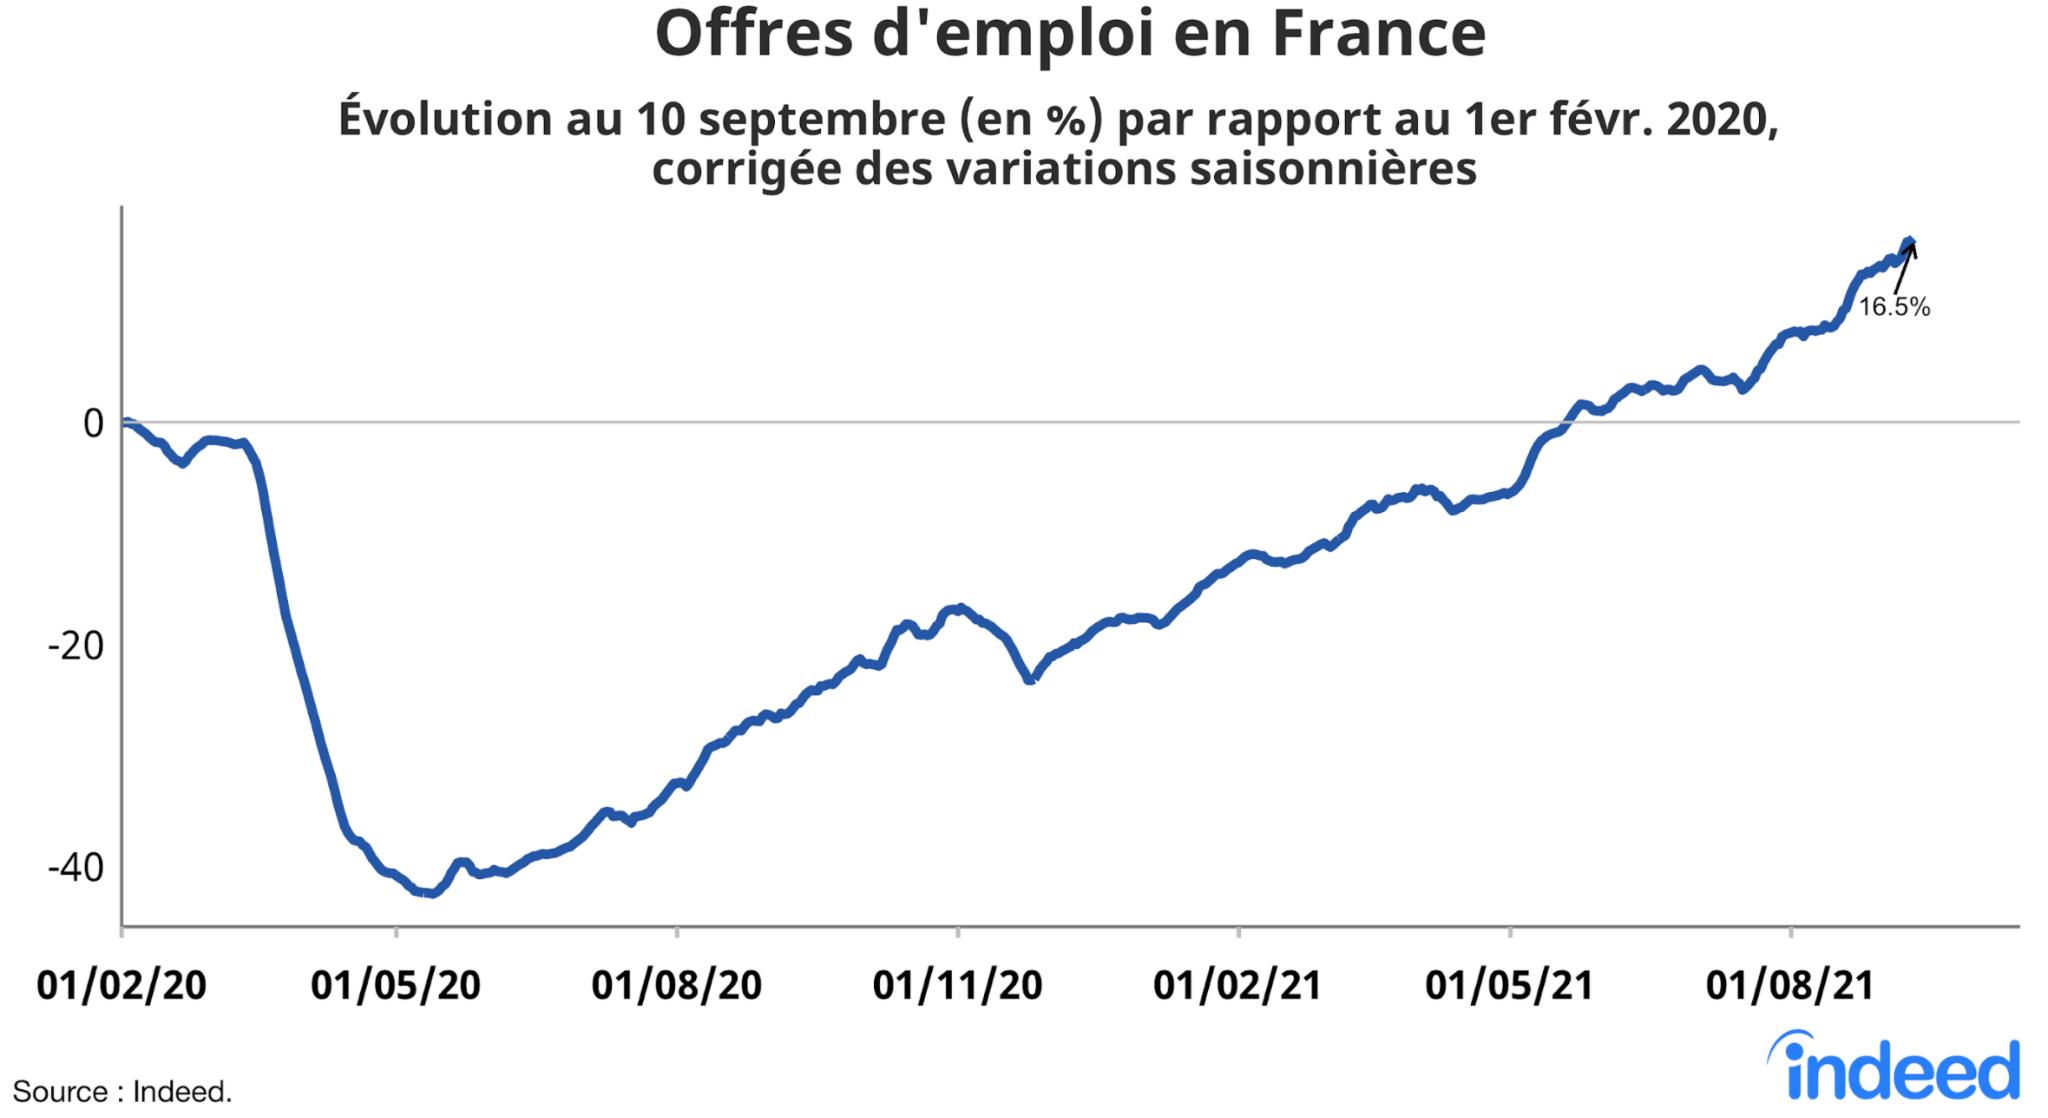 Le graphique en courbes illustre l'évolution en pourcentage des offres d'emploi en France au 10 septembre 2021